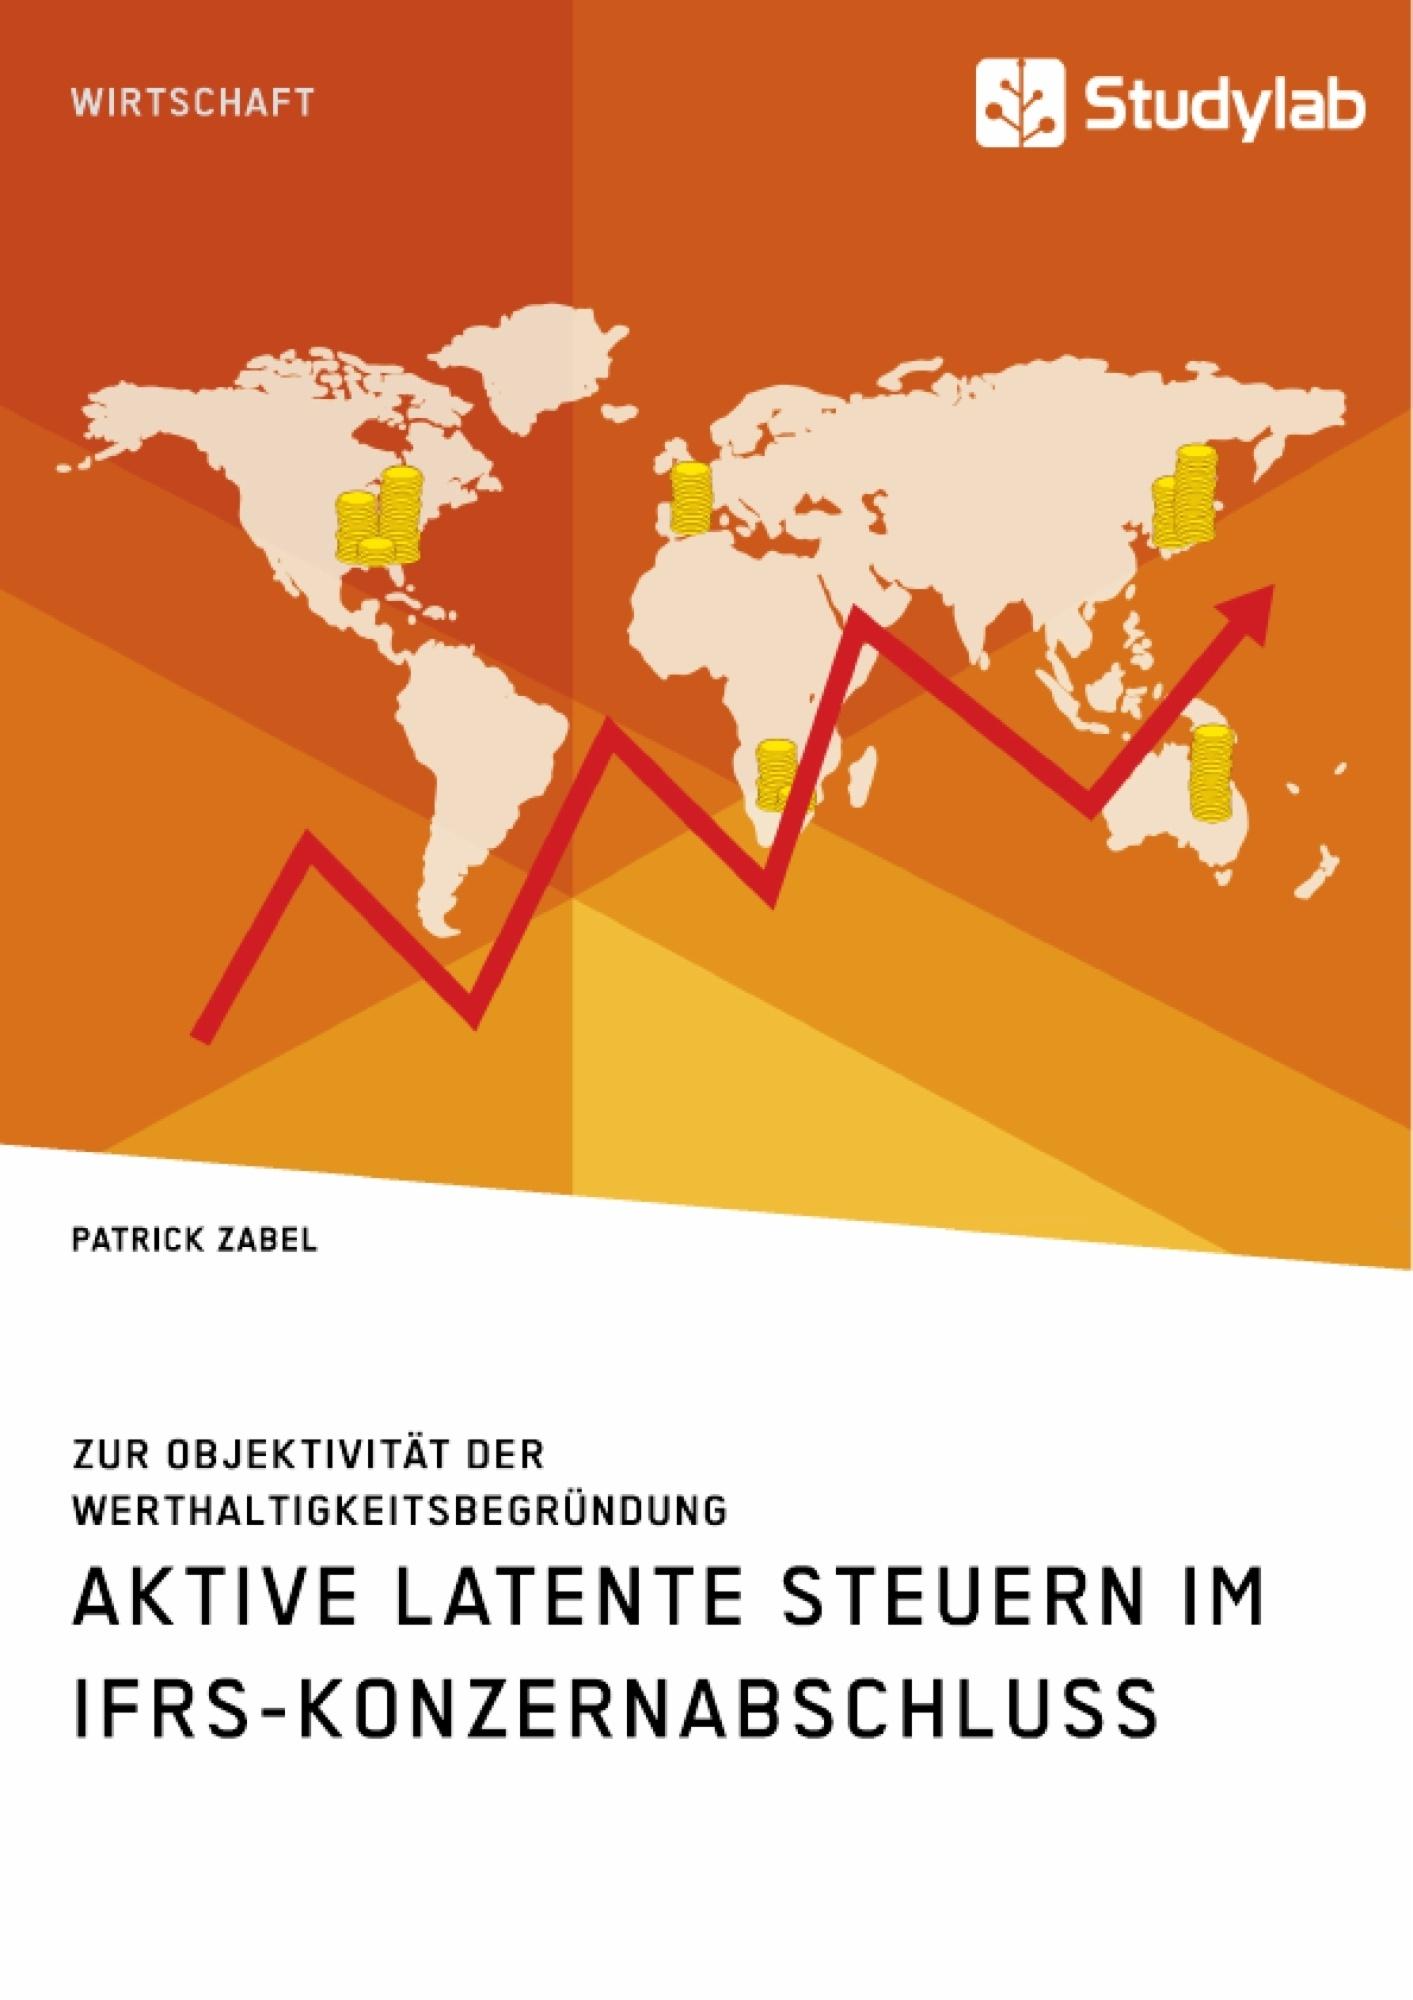 Titel: Aktive latente Steuern im IFRS-Konzernabschluss. Zur Objektivität der Werthaltigkeitsbegründung